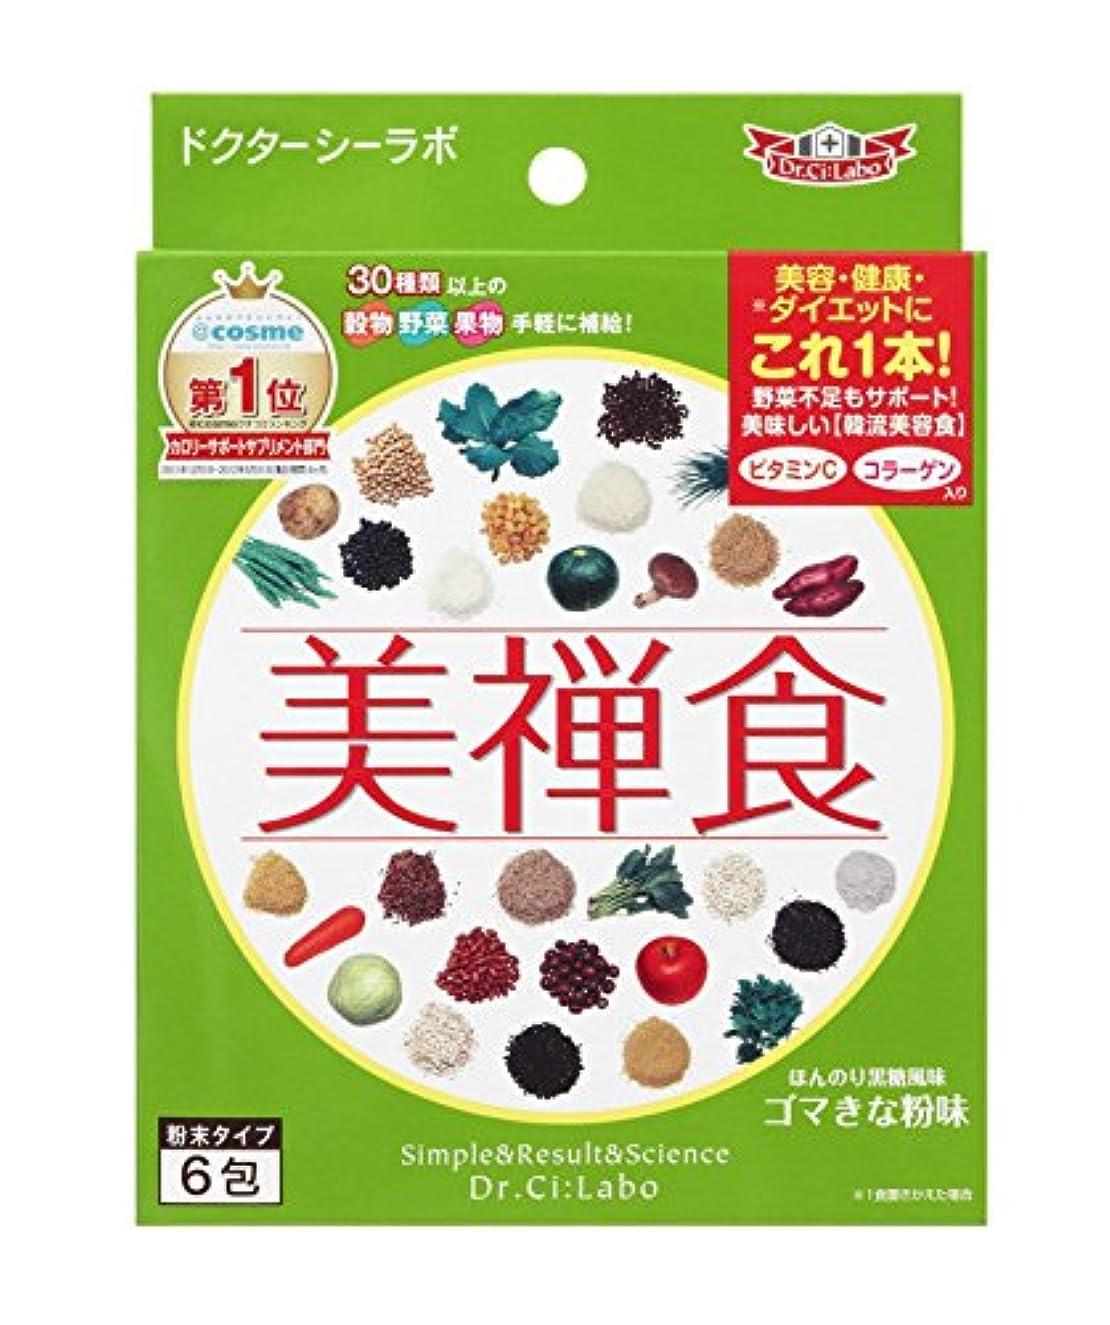 殺人者コード勝者ドクターシーラボ 美禅食6包入り 15.4g×6包 ダイエットシェイク